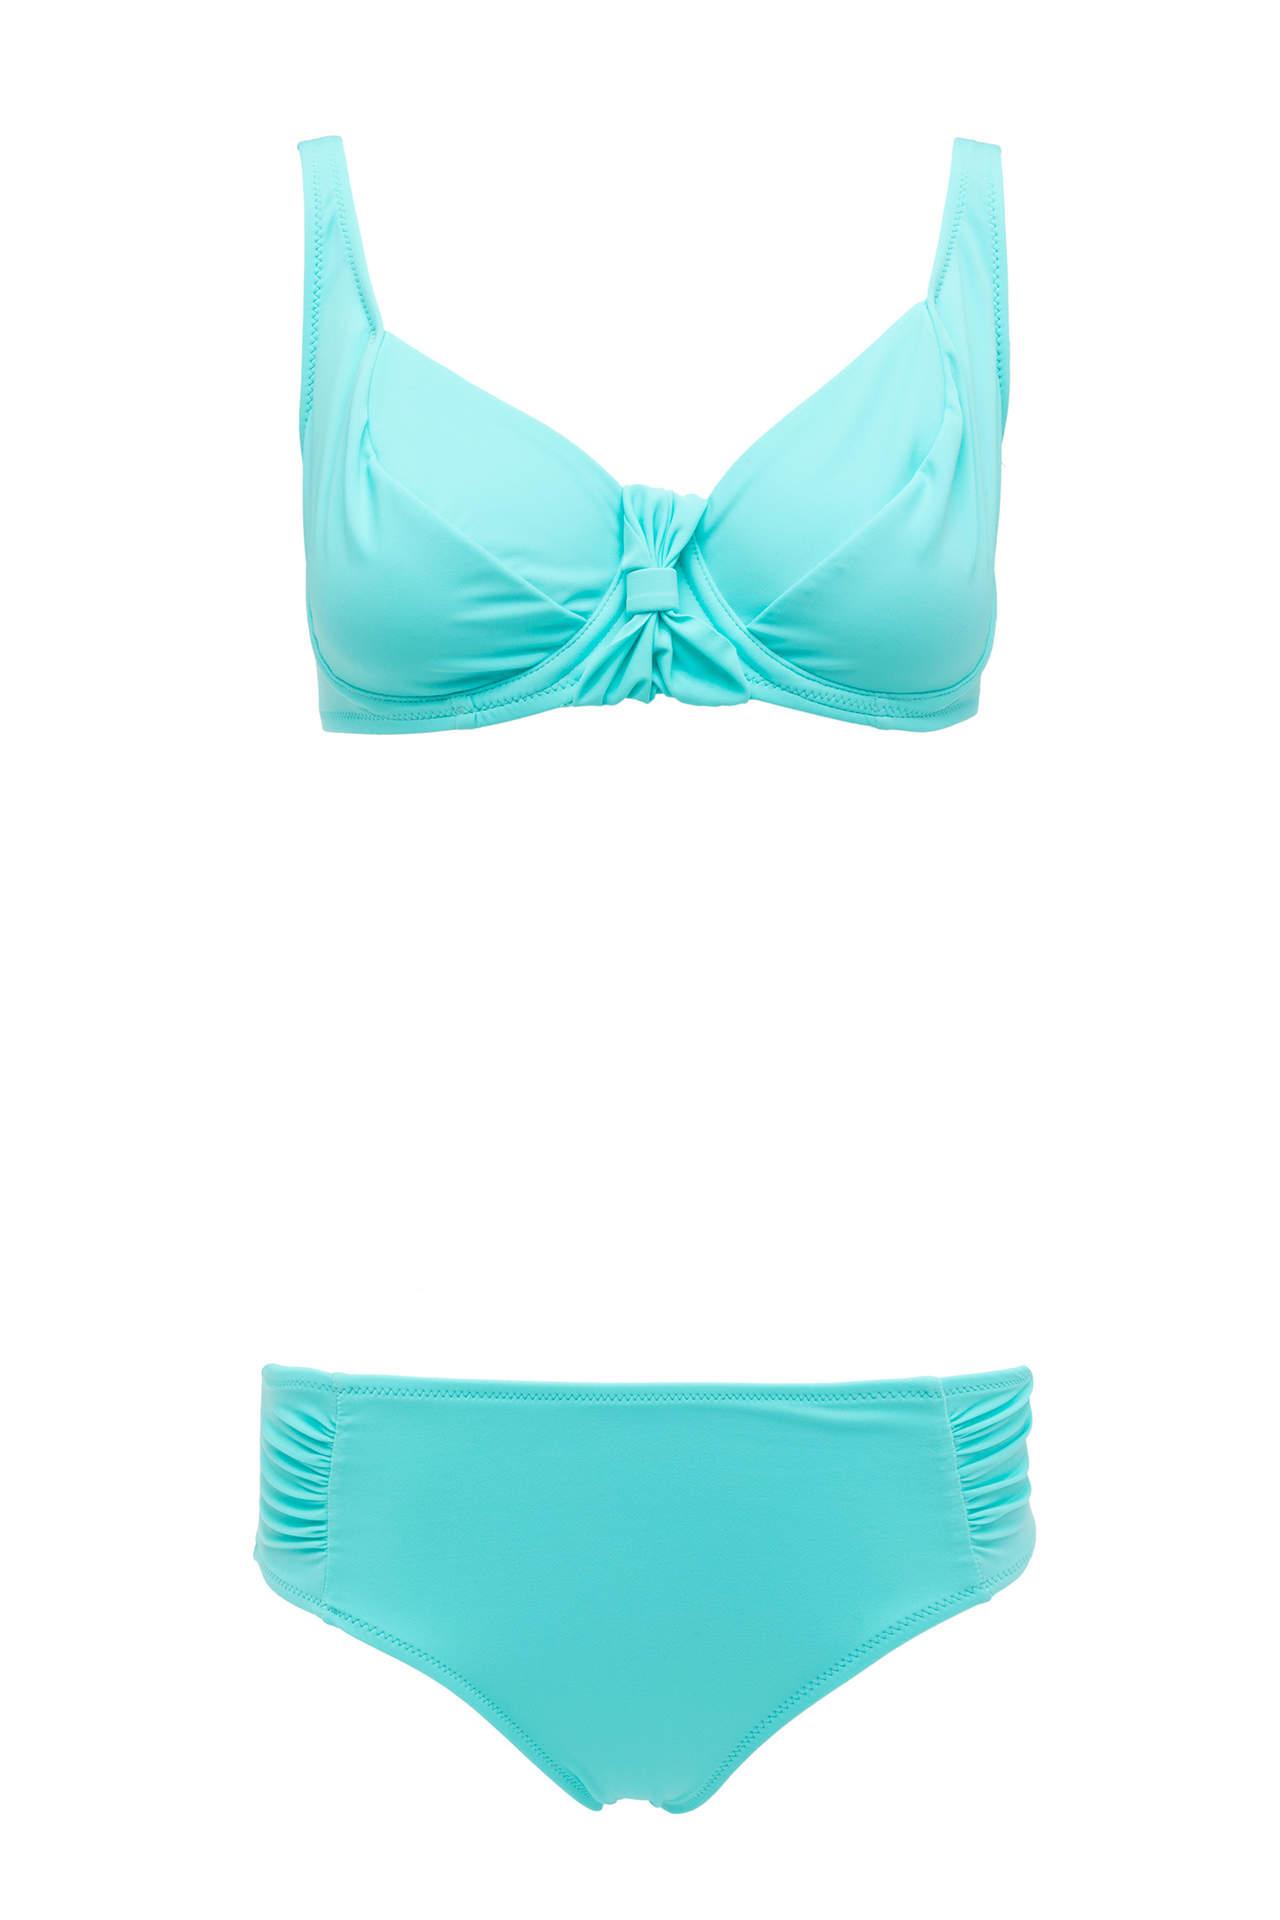 DeFacto Kadın Kurdele Detaylı Düz Renk Bikini Mavi female